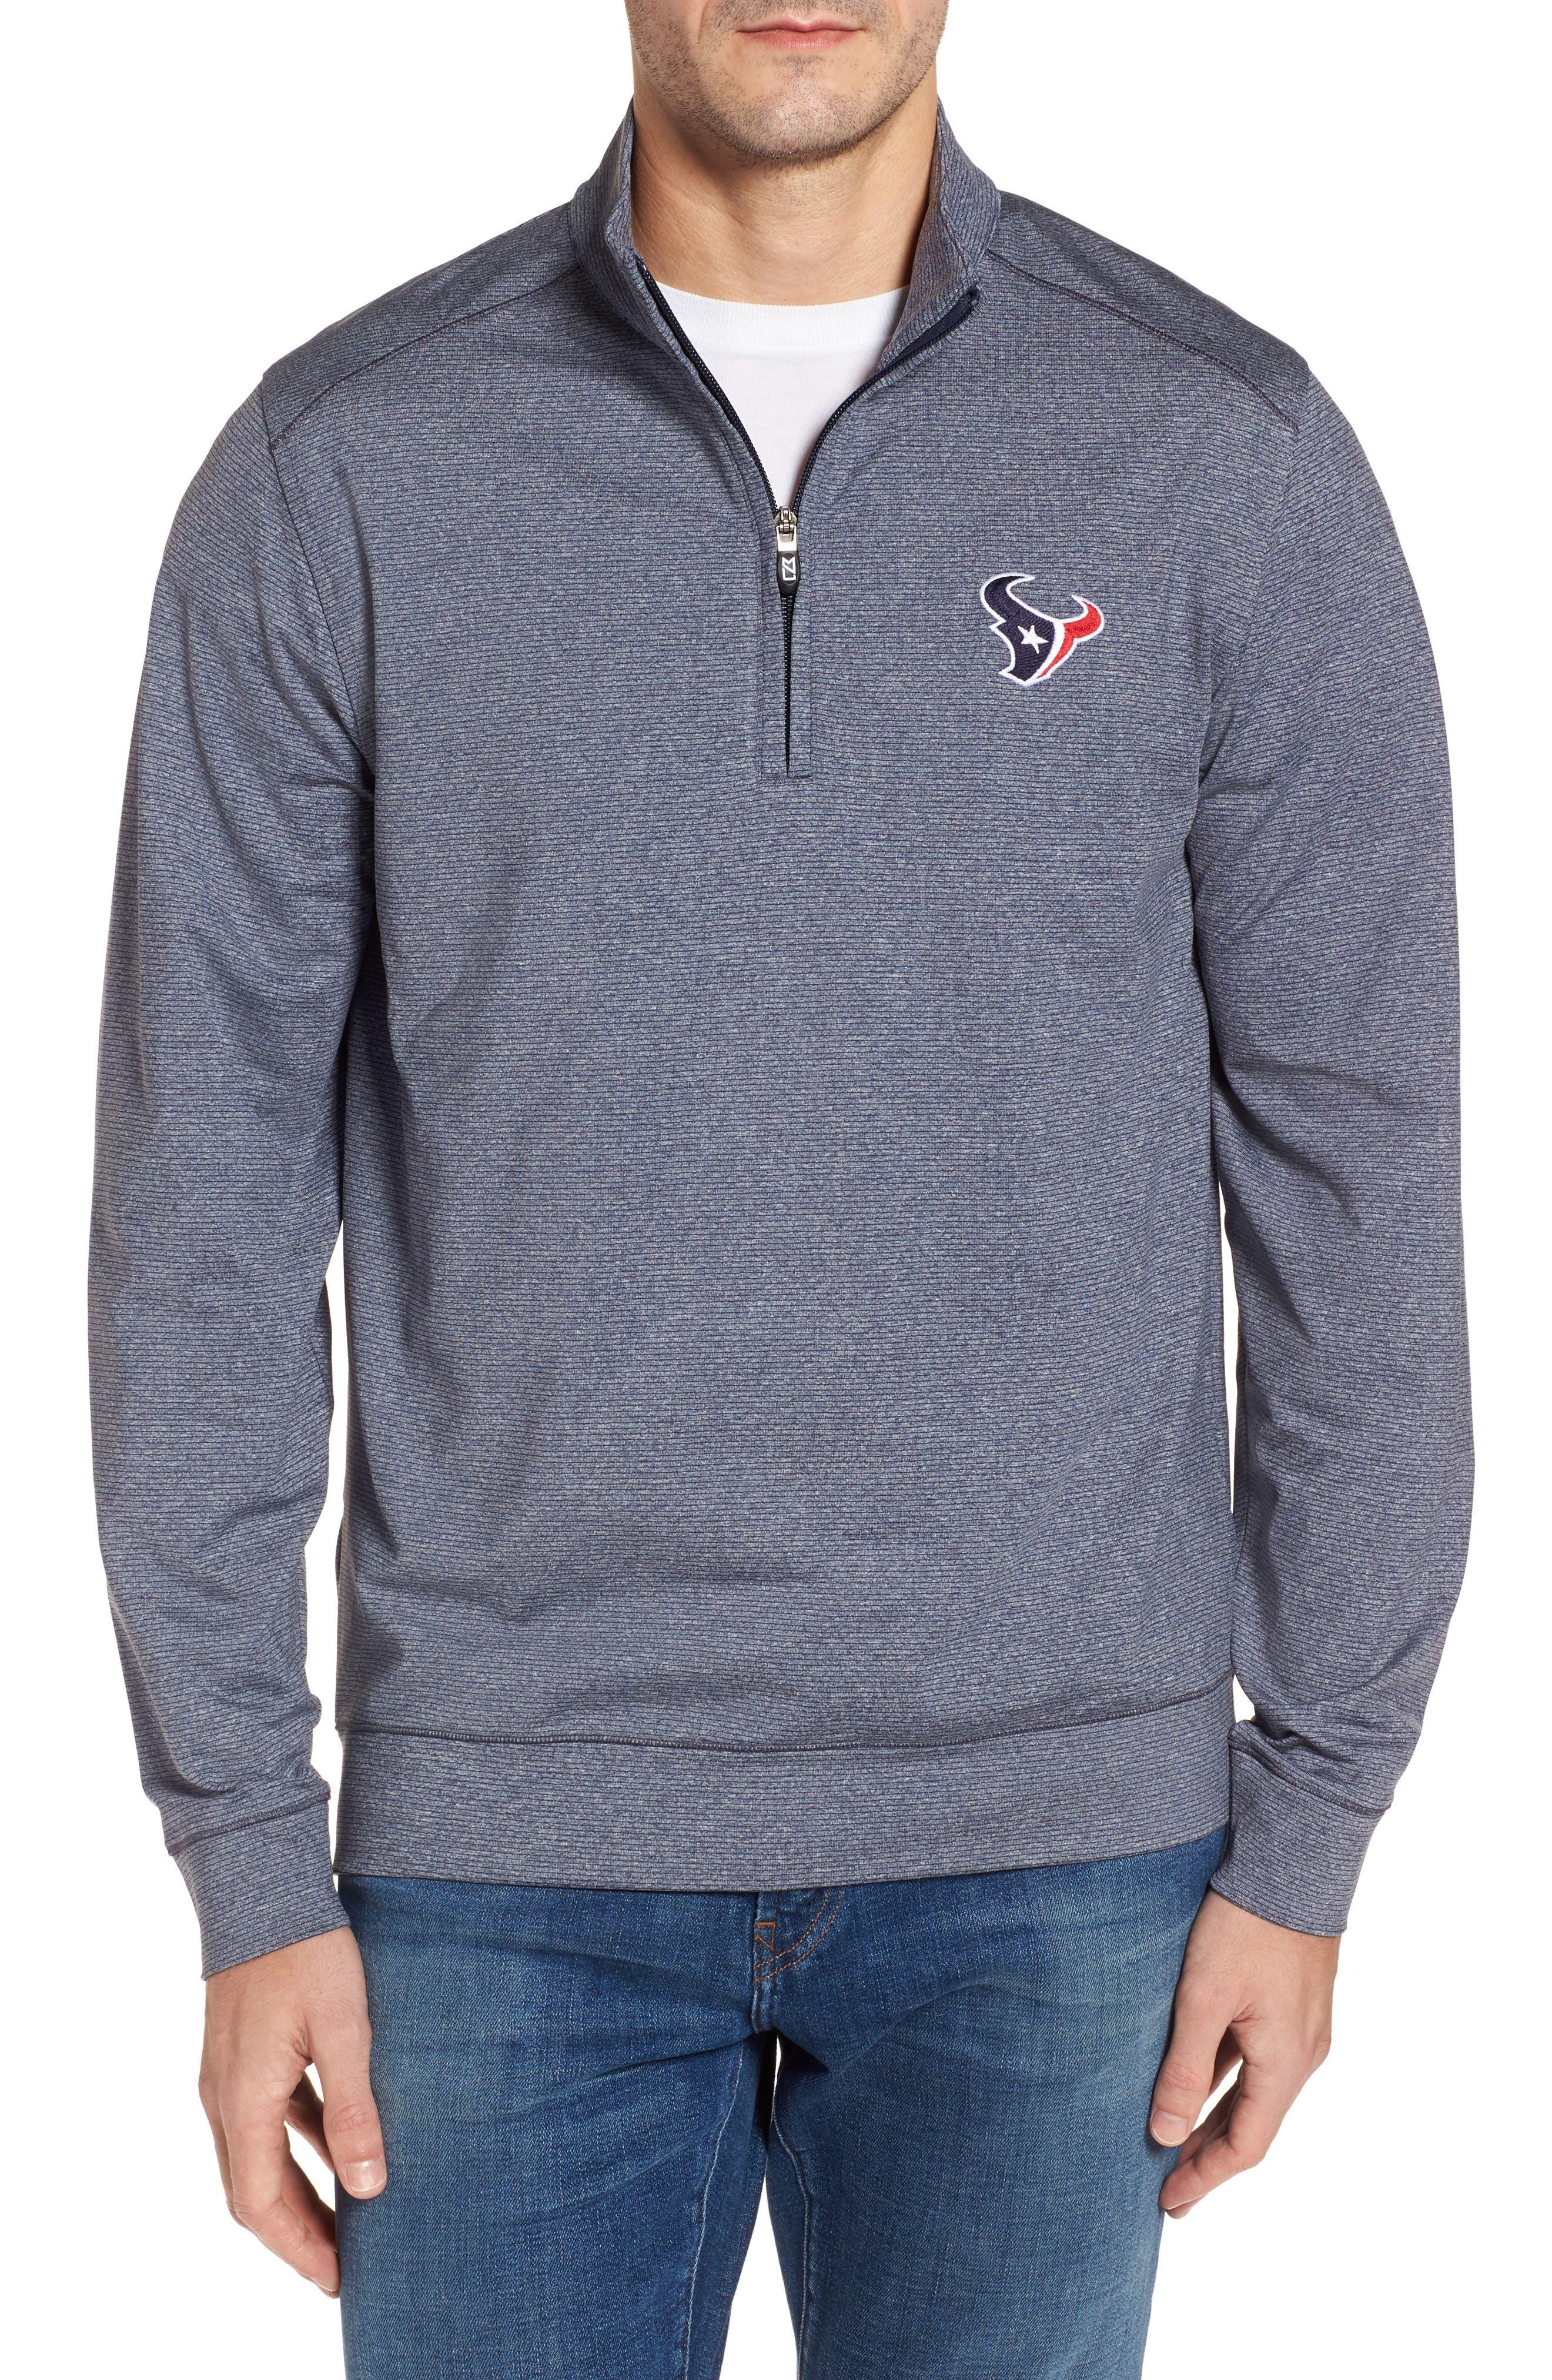 Shoreline - Houston Texans Half Zip Pullover,                         Main,                         color, 976